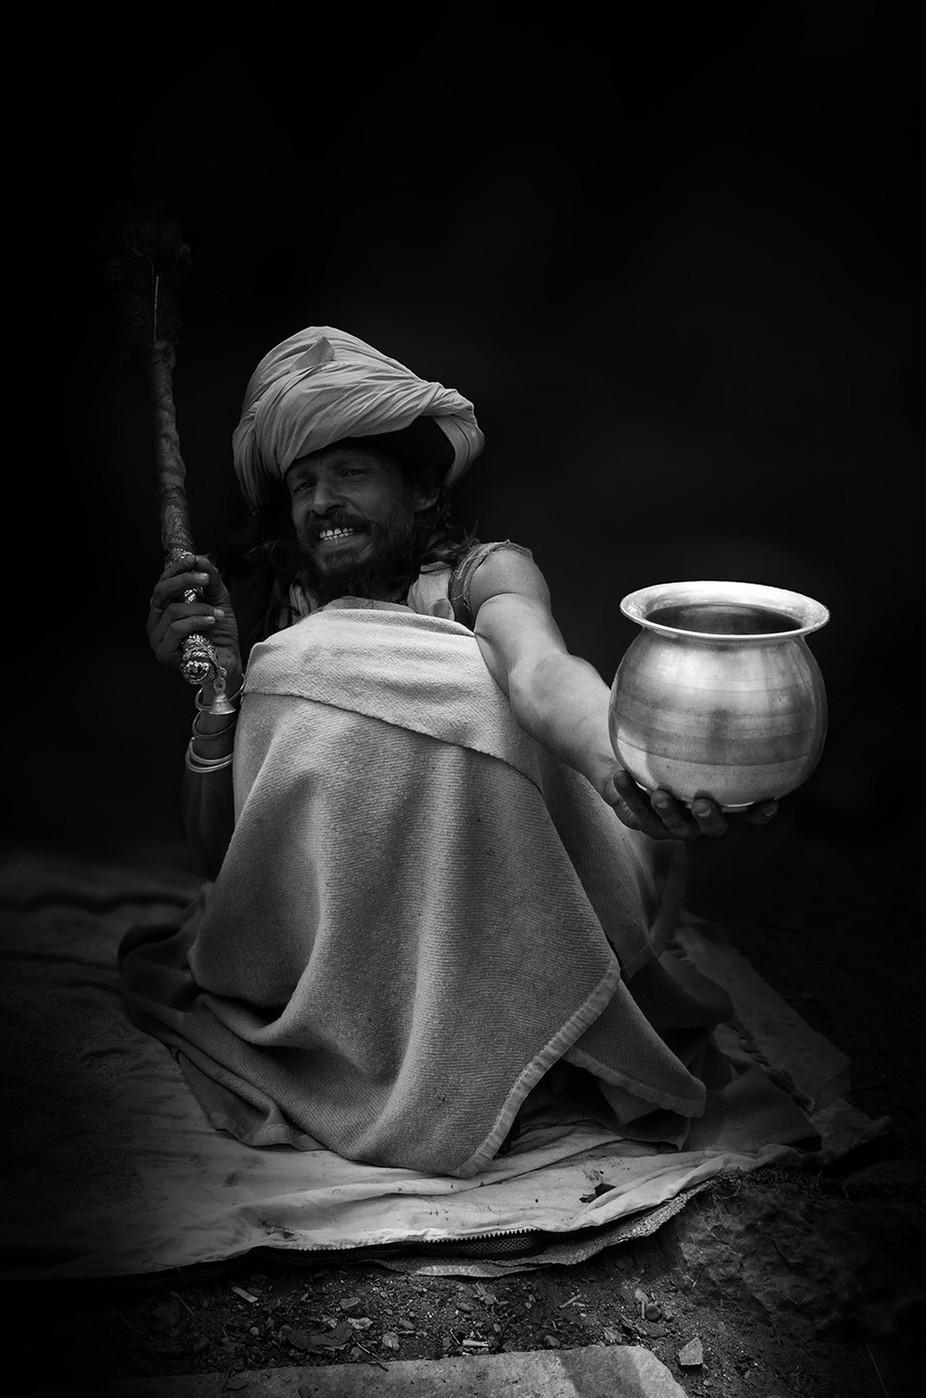 Sadhu  by vladimirchuyko - Feeling Hope Photo Contest